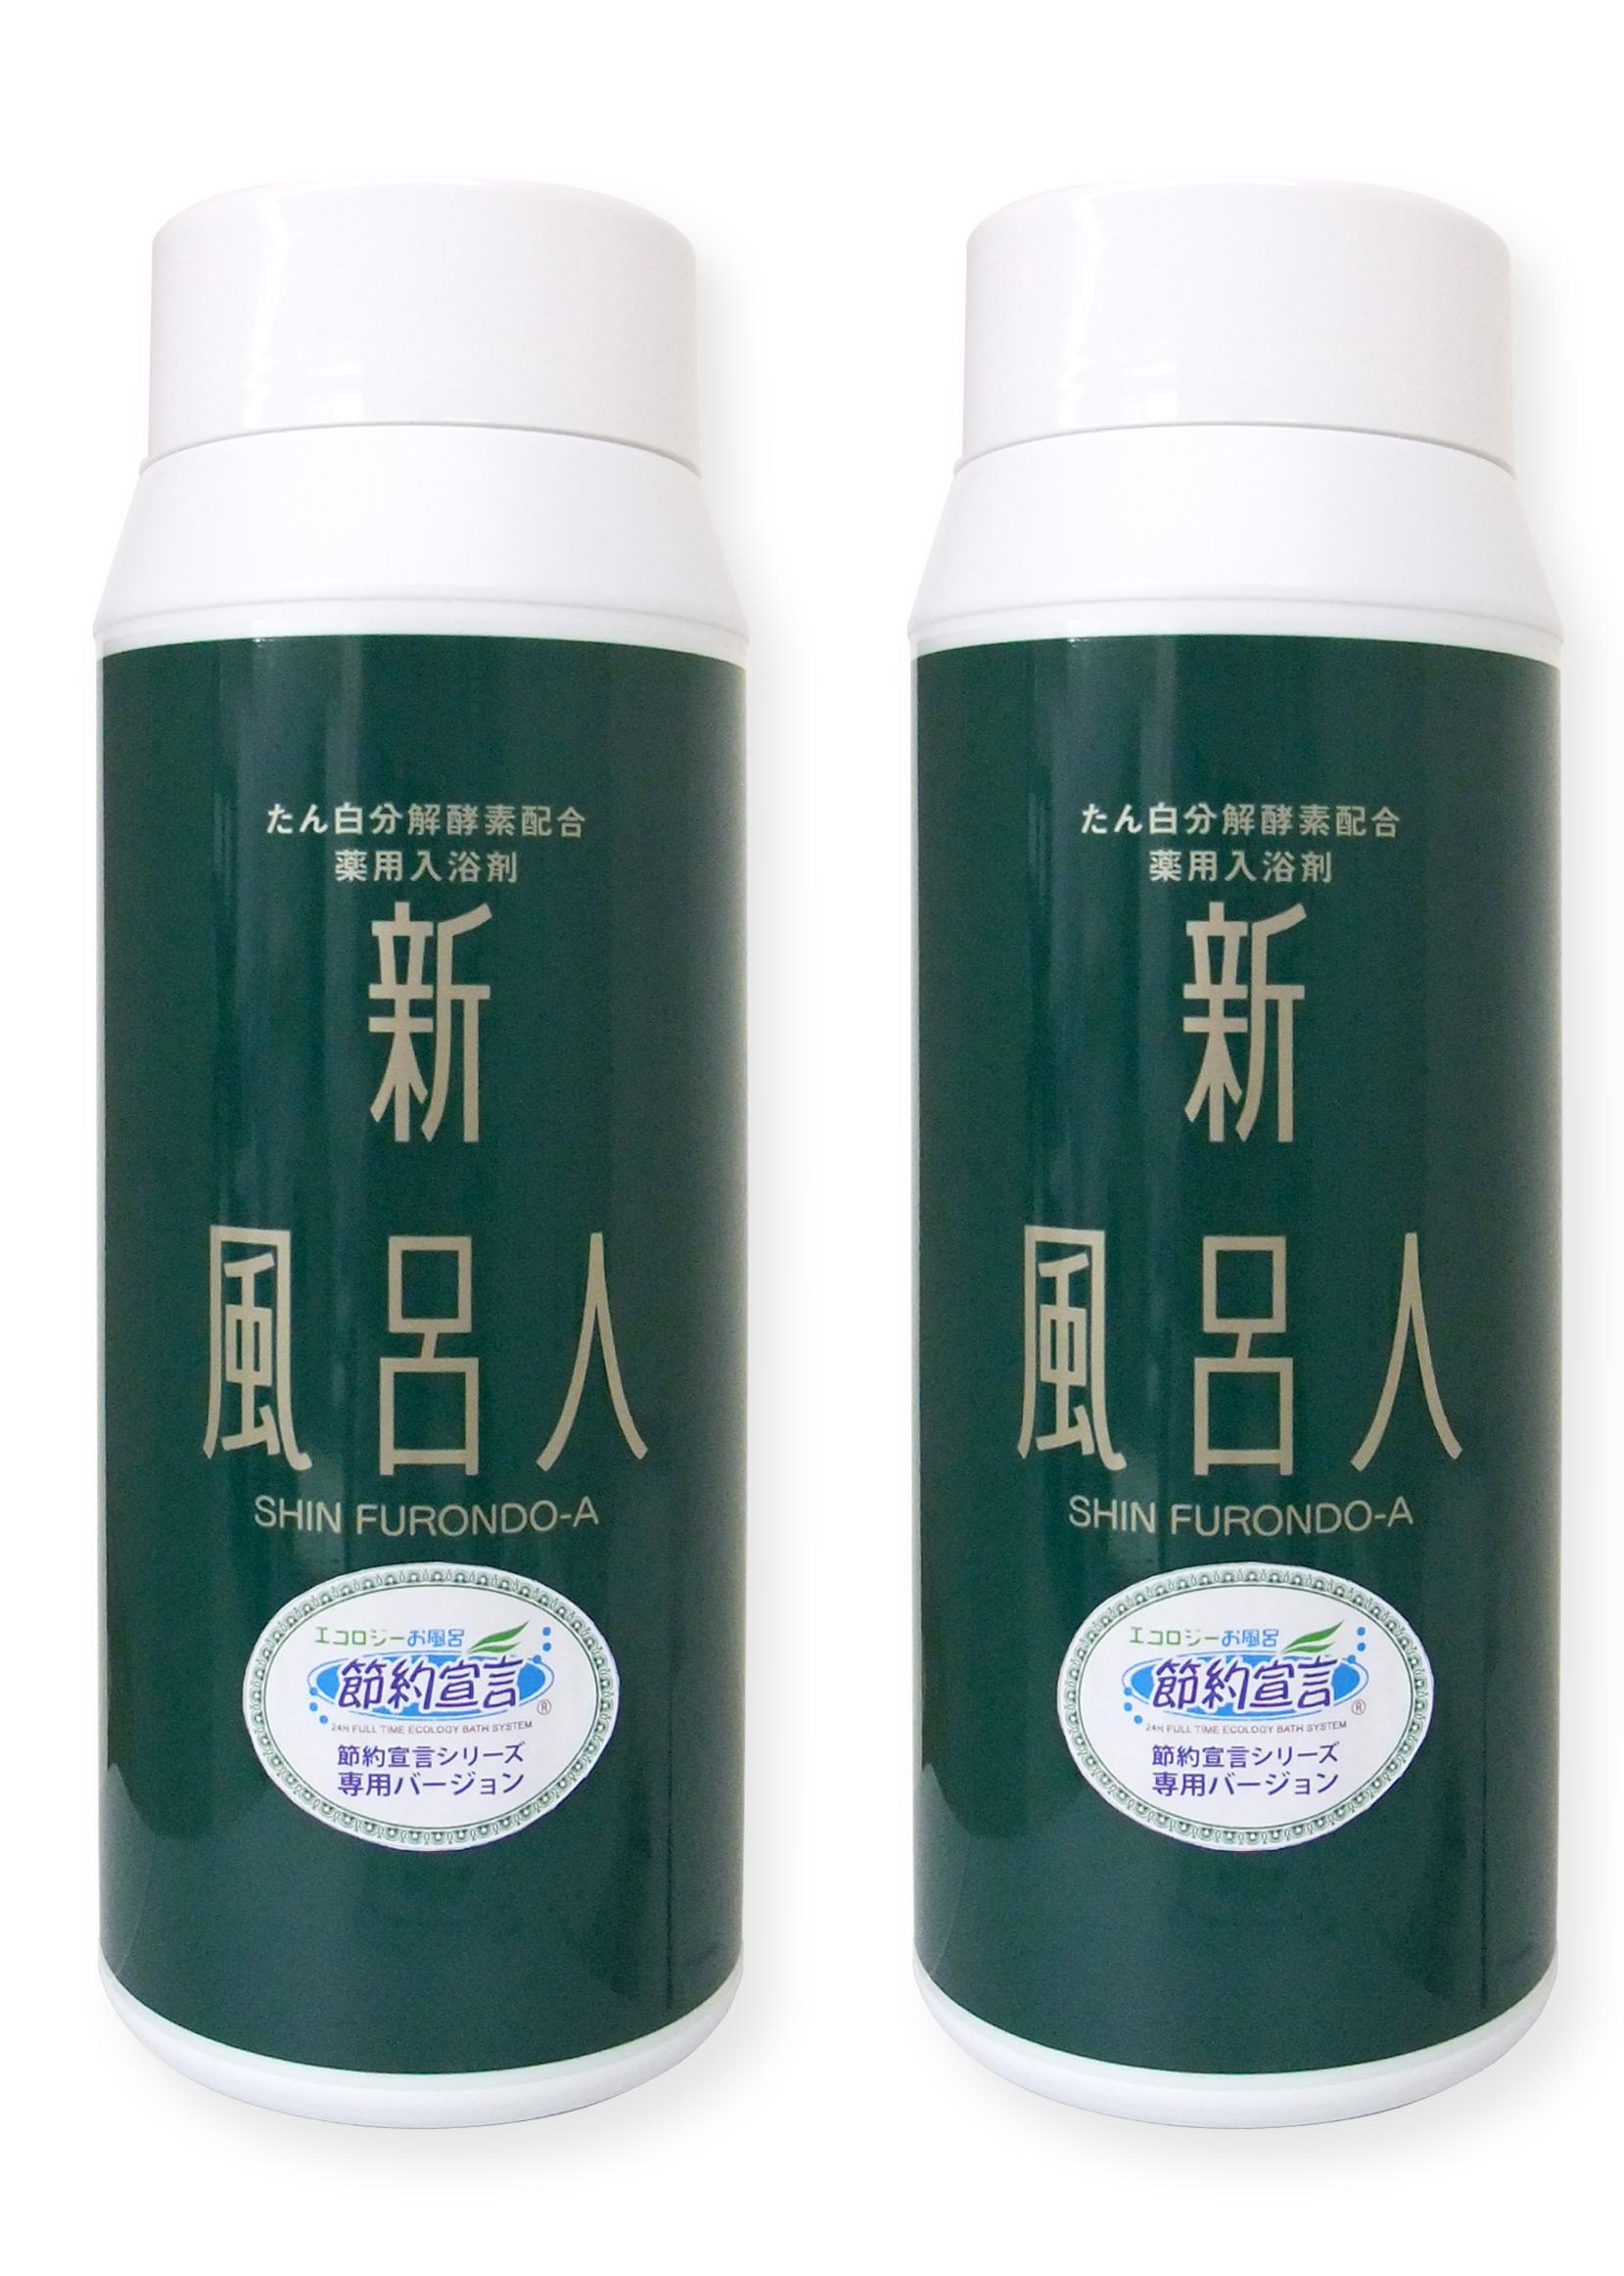 入浴剤 新風呂人・2本(同時購入品も送料無料に!)画像